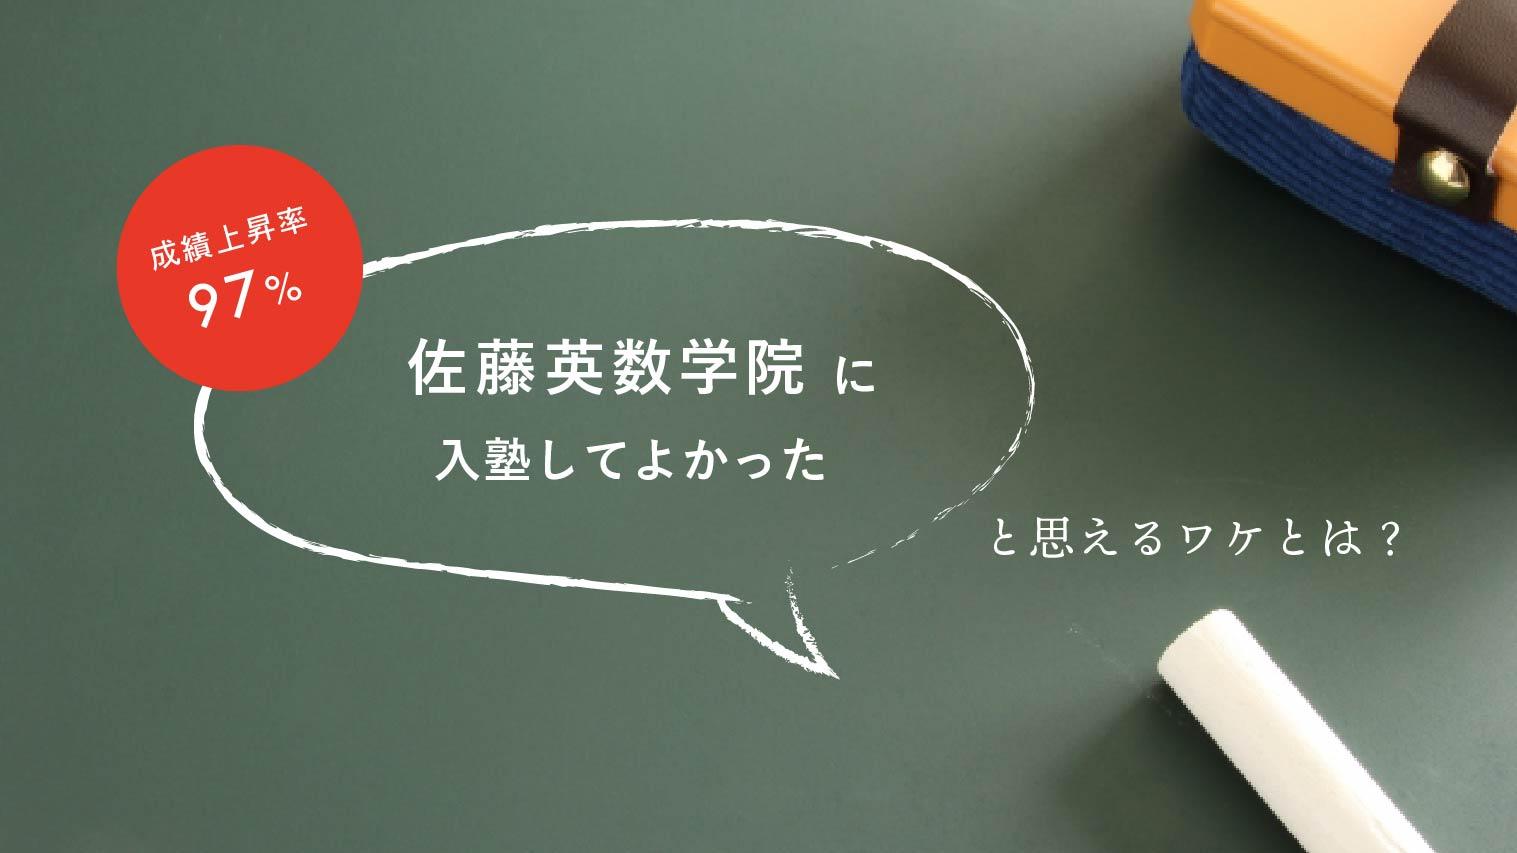 成績上昇率97%【佐藤英数学院】に入塾してよかったと思えるワケとは?